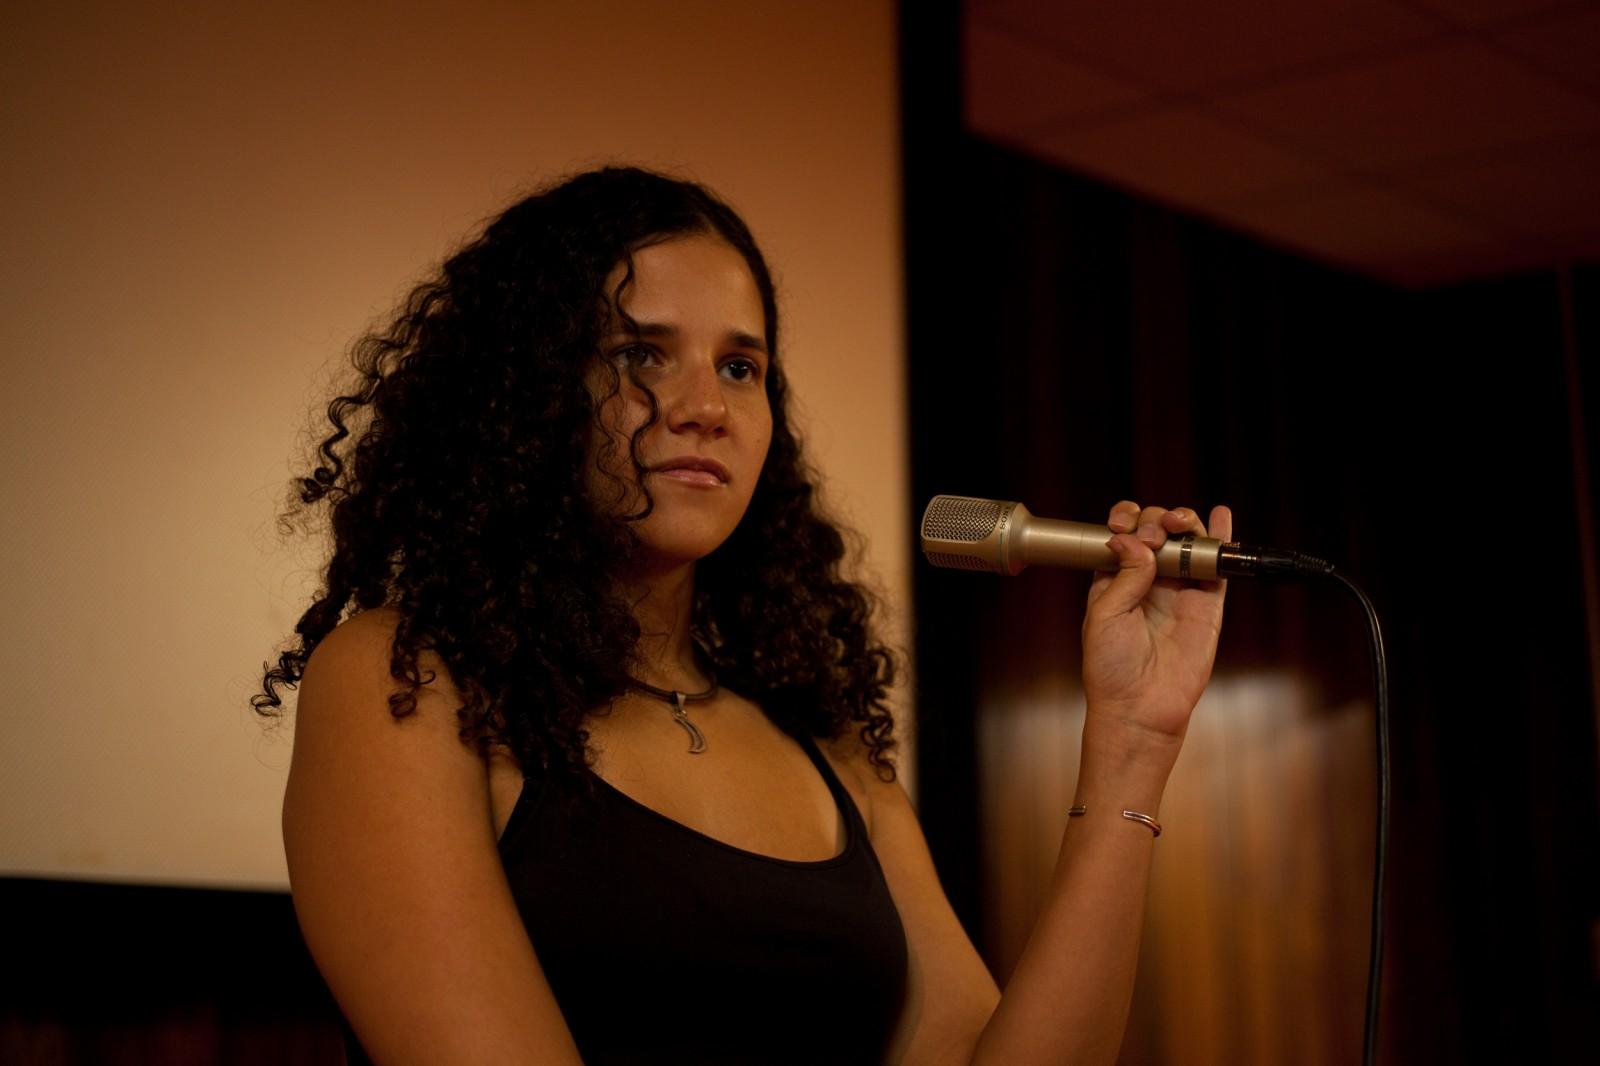 PAS Nantes 2011 - Amelia del Mar Hernandez (République Dominicaine) - Productrice - THE MAN WHO CARES